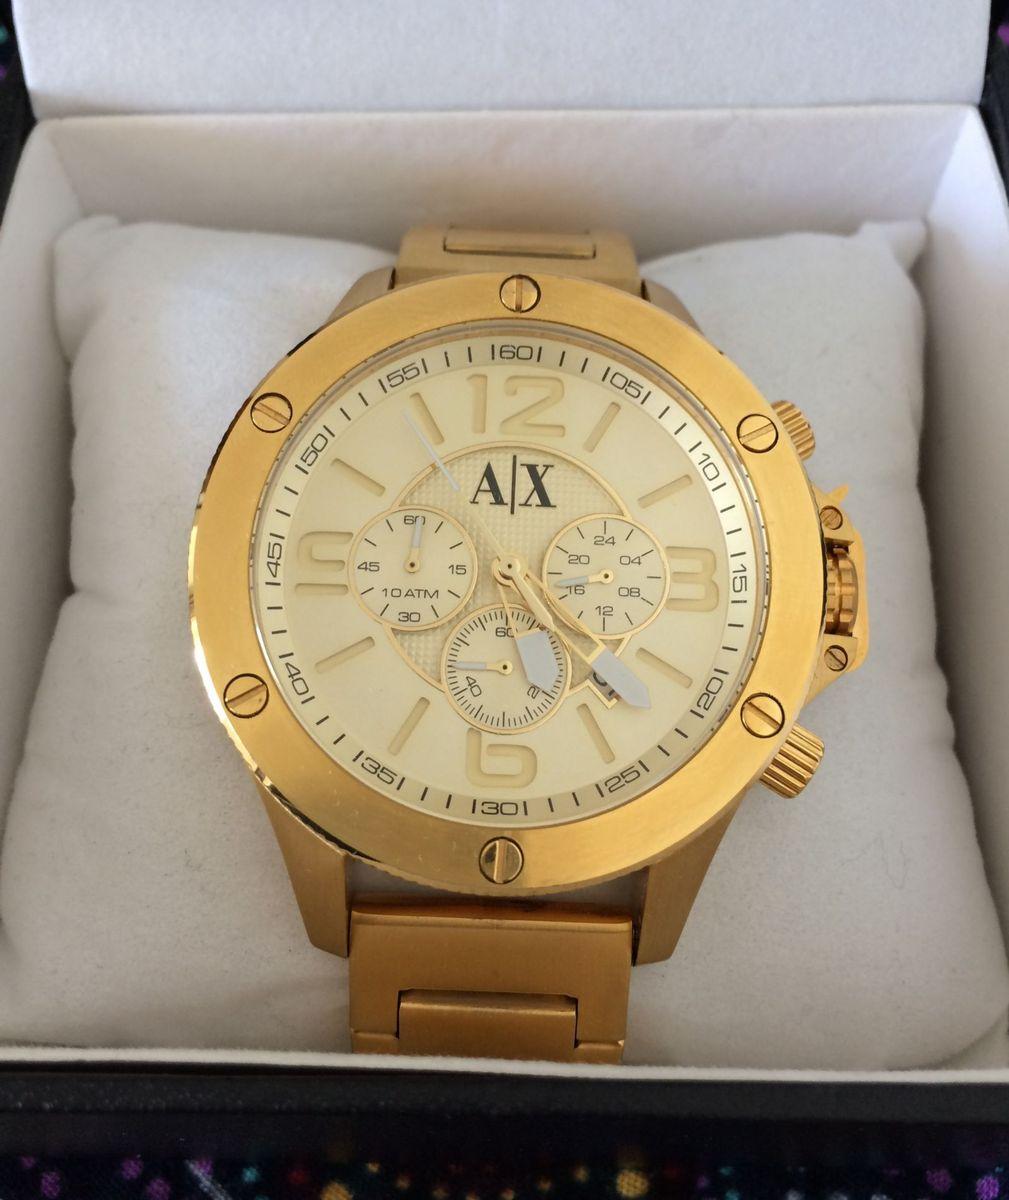 681b9d4b49654 relógio armani exchange - óculos armani-exchange.  Czm6ly9wag90b3muzw5qb2vplmnvbs5ici9wcm9kdwn0cy80oda2ndm5lznkyznmm2zmnzy2n2e0odvjzdfhy2zjowm2nwq5zmy1lmpwzw  ...